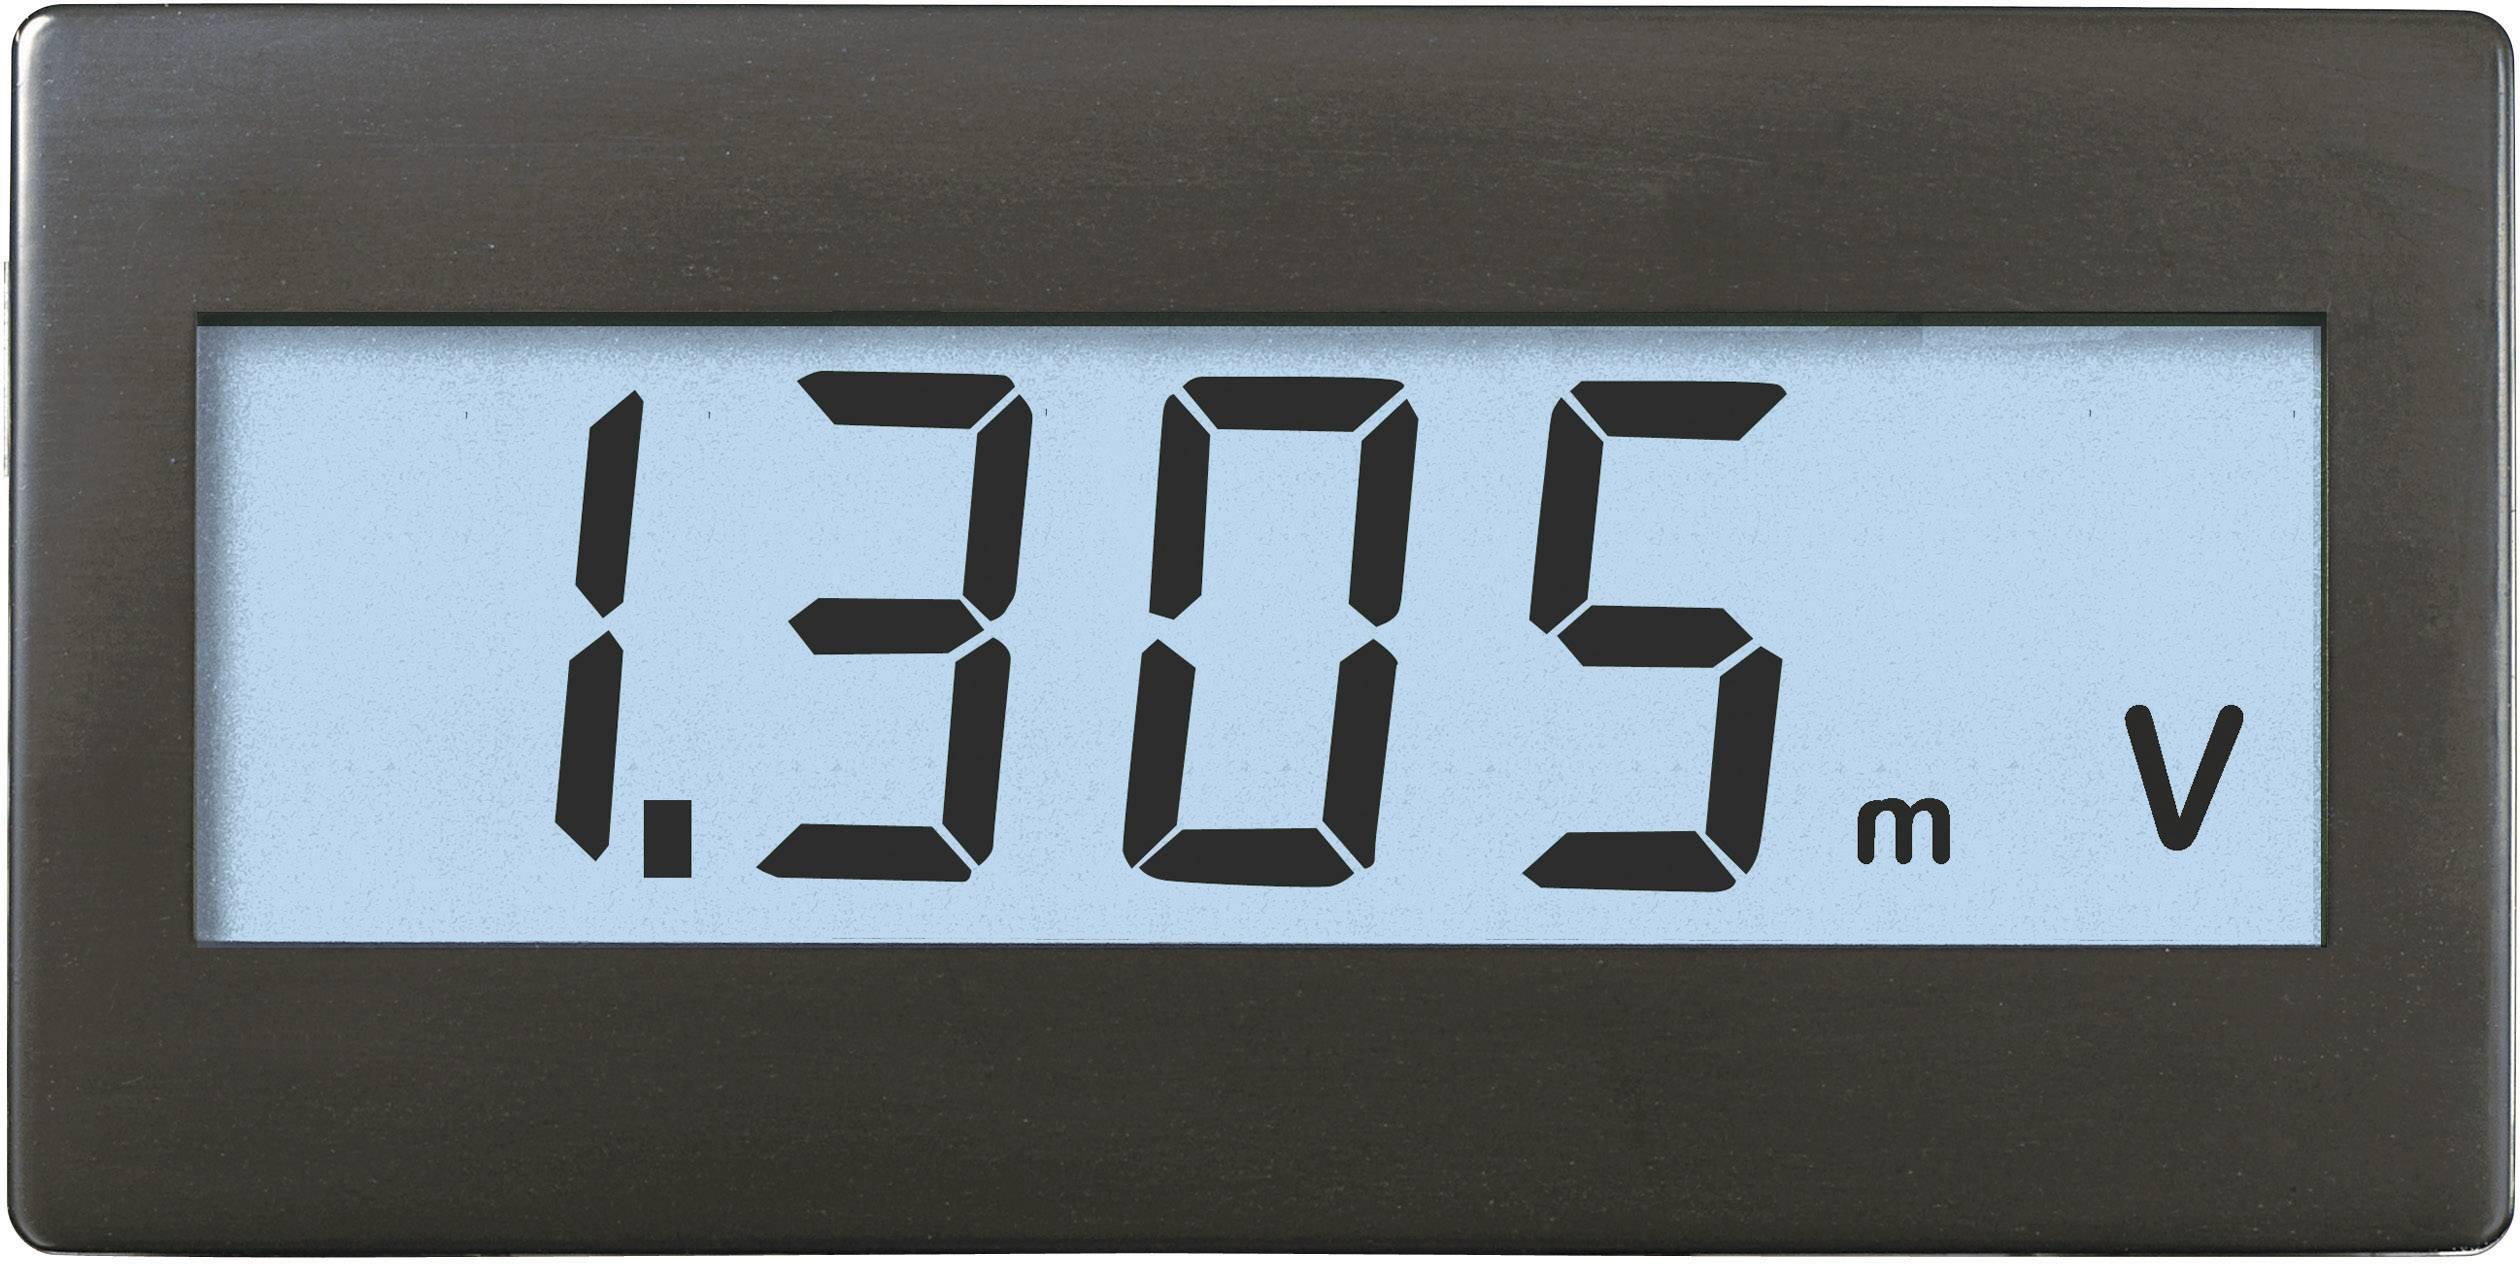 Panelové měřidlo Voltcraft DVM-330W, 68 x 33 mm, ±199,9 mV